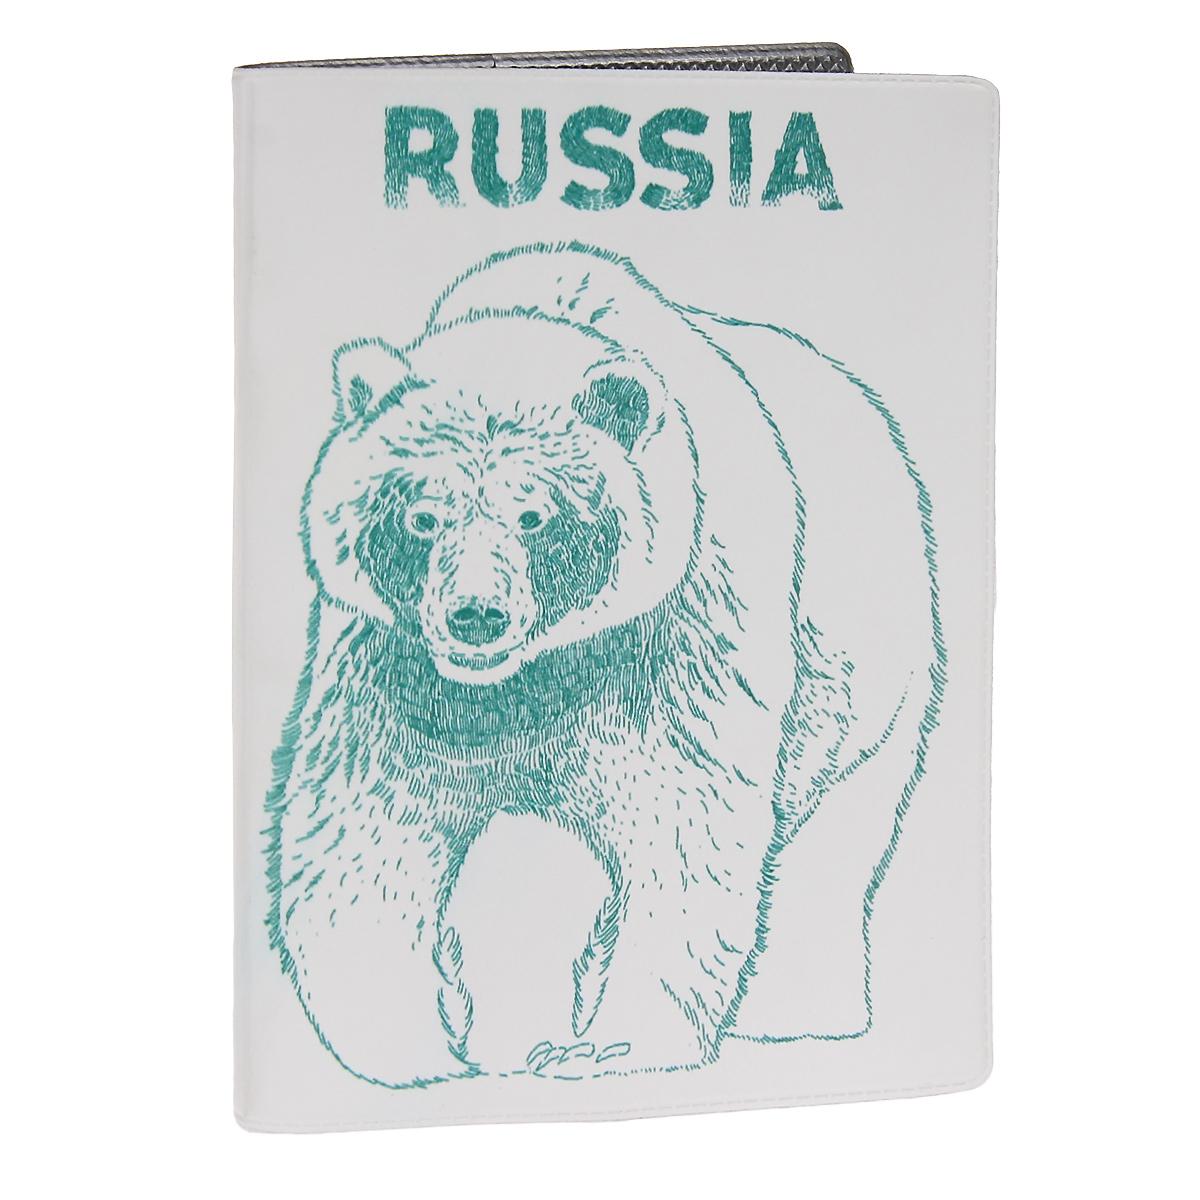 Обложка для автодокументов Медведь. AUTOZAM302AUTOZAM302Обложка для автодокументов Mitya Veselkov Медведь изготовлена из прочного ПВХ белого цвета и оформлена изображением в виде медведя и надписью Russia. На внутреннем развороте имеются съемный блок из шести прозрачных файлов из мягкого пластика для водительских документов, один из которых формата А5, а также два боковых кармашка для визиток или банковских карт.Стильная обложка не только поможет сохранить внешний вид ваших документов и защитит их от грязи и пыли, но и станет аксессуаром, который подчеркнет вашу яркую индивидуальность.